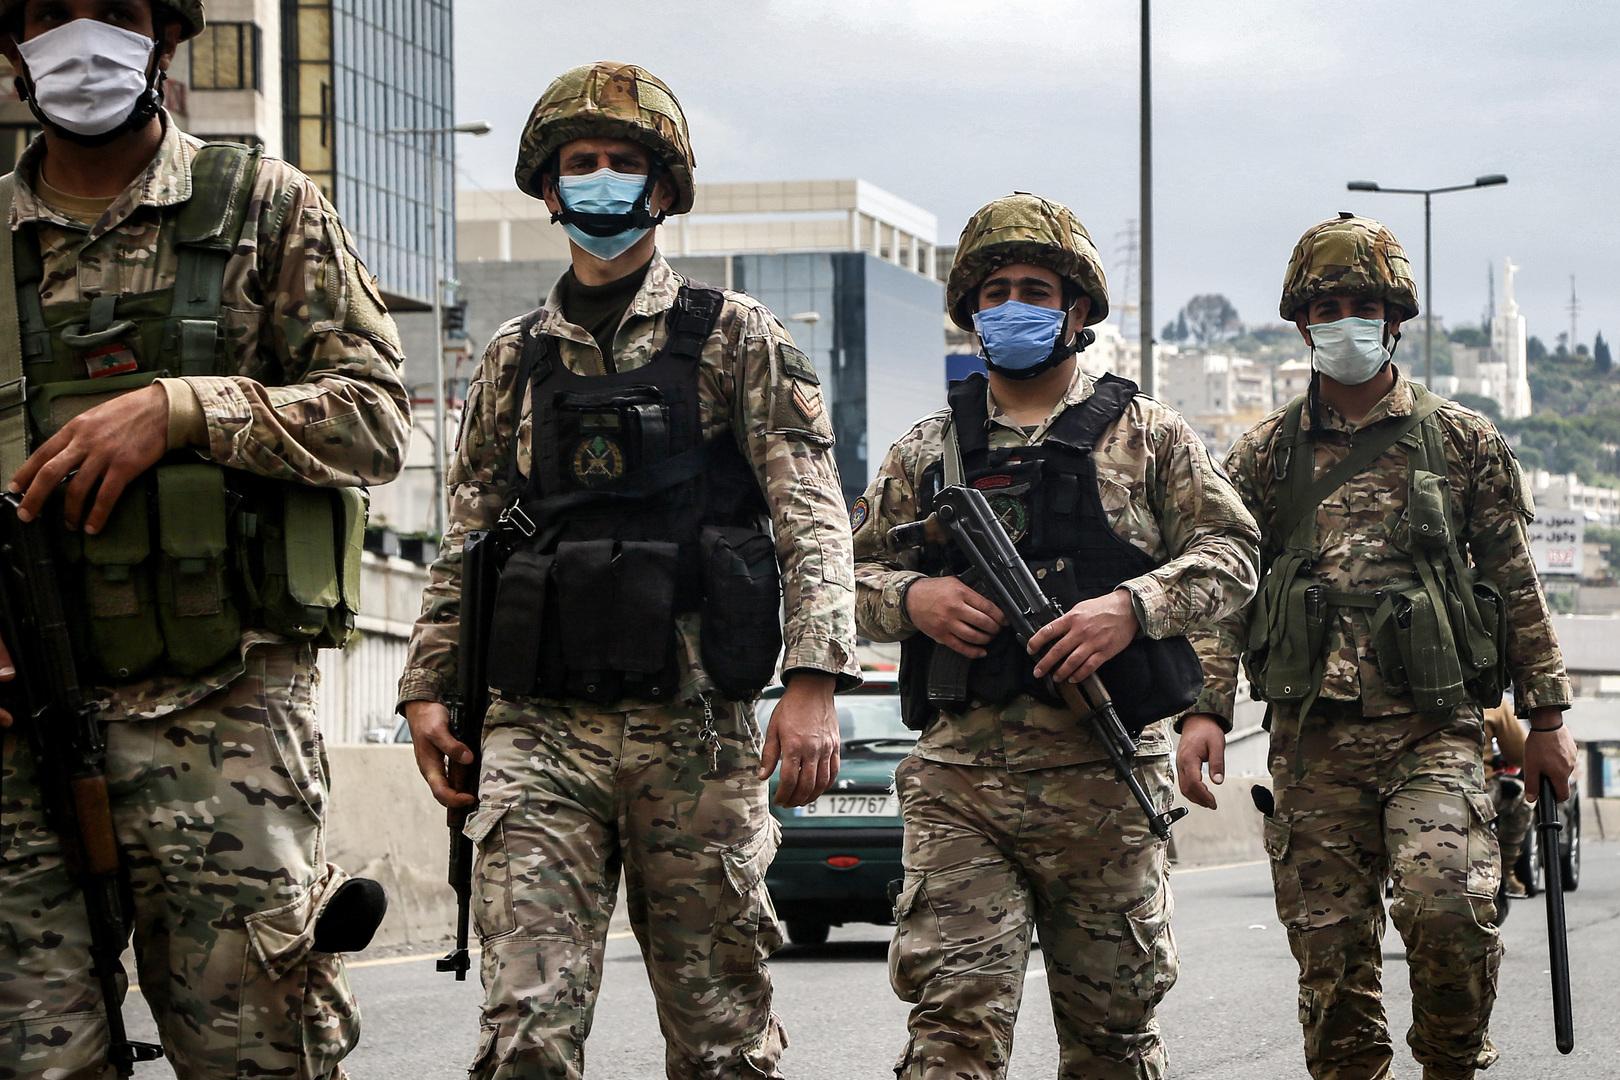 الجيش اللبناني يعلن القبض على ضالع بقتل 4 جنود